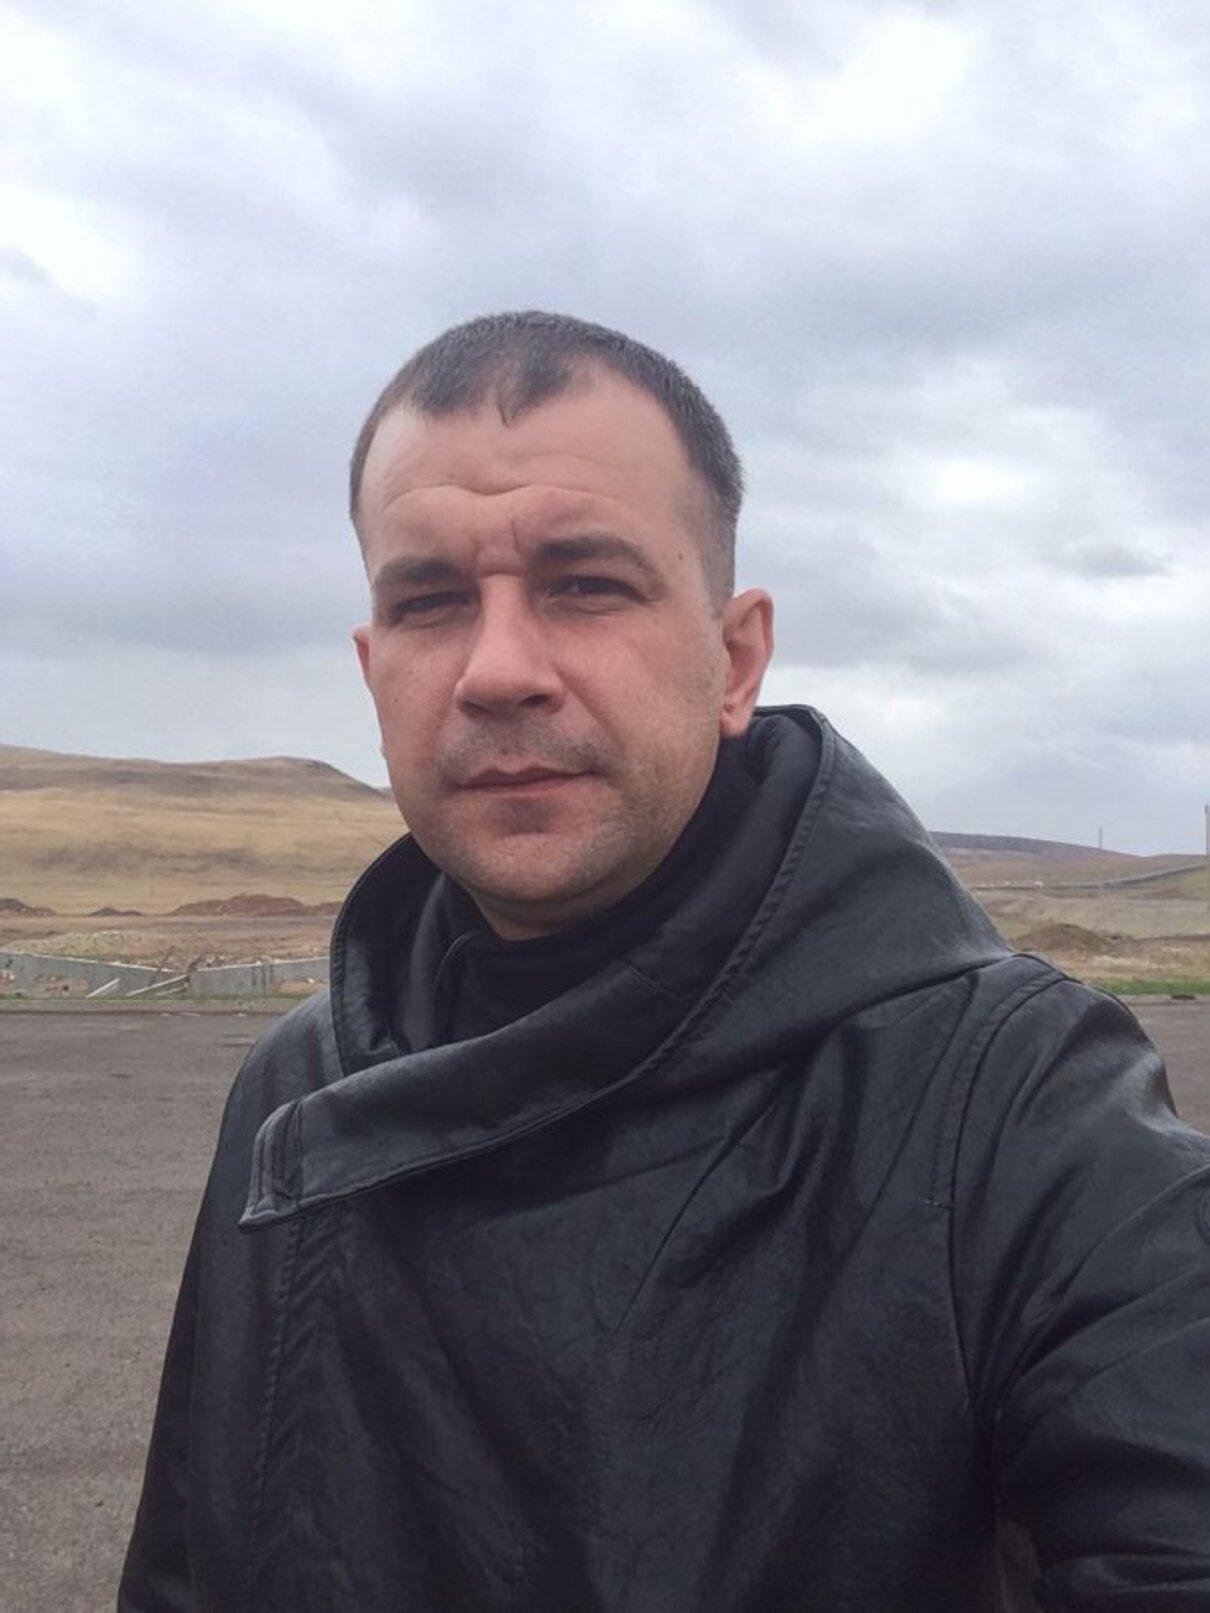 Жалоба-отзыв: Даймлер Максим Николаевич - Альфонс.  Фото №2